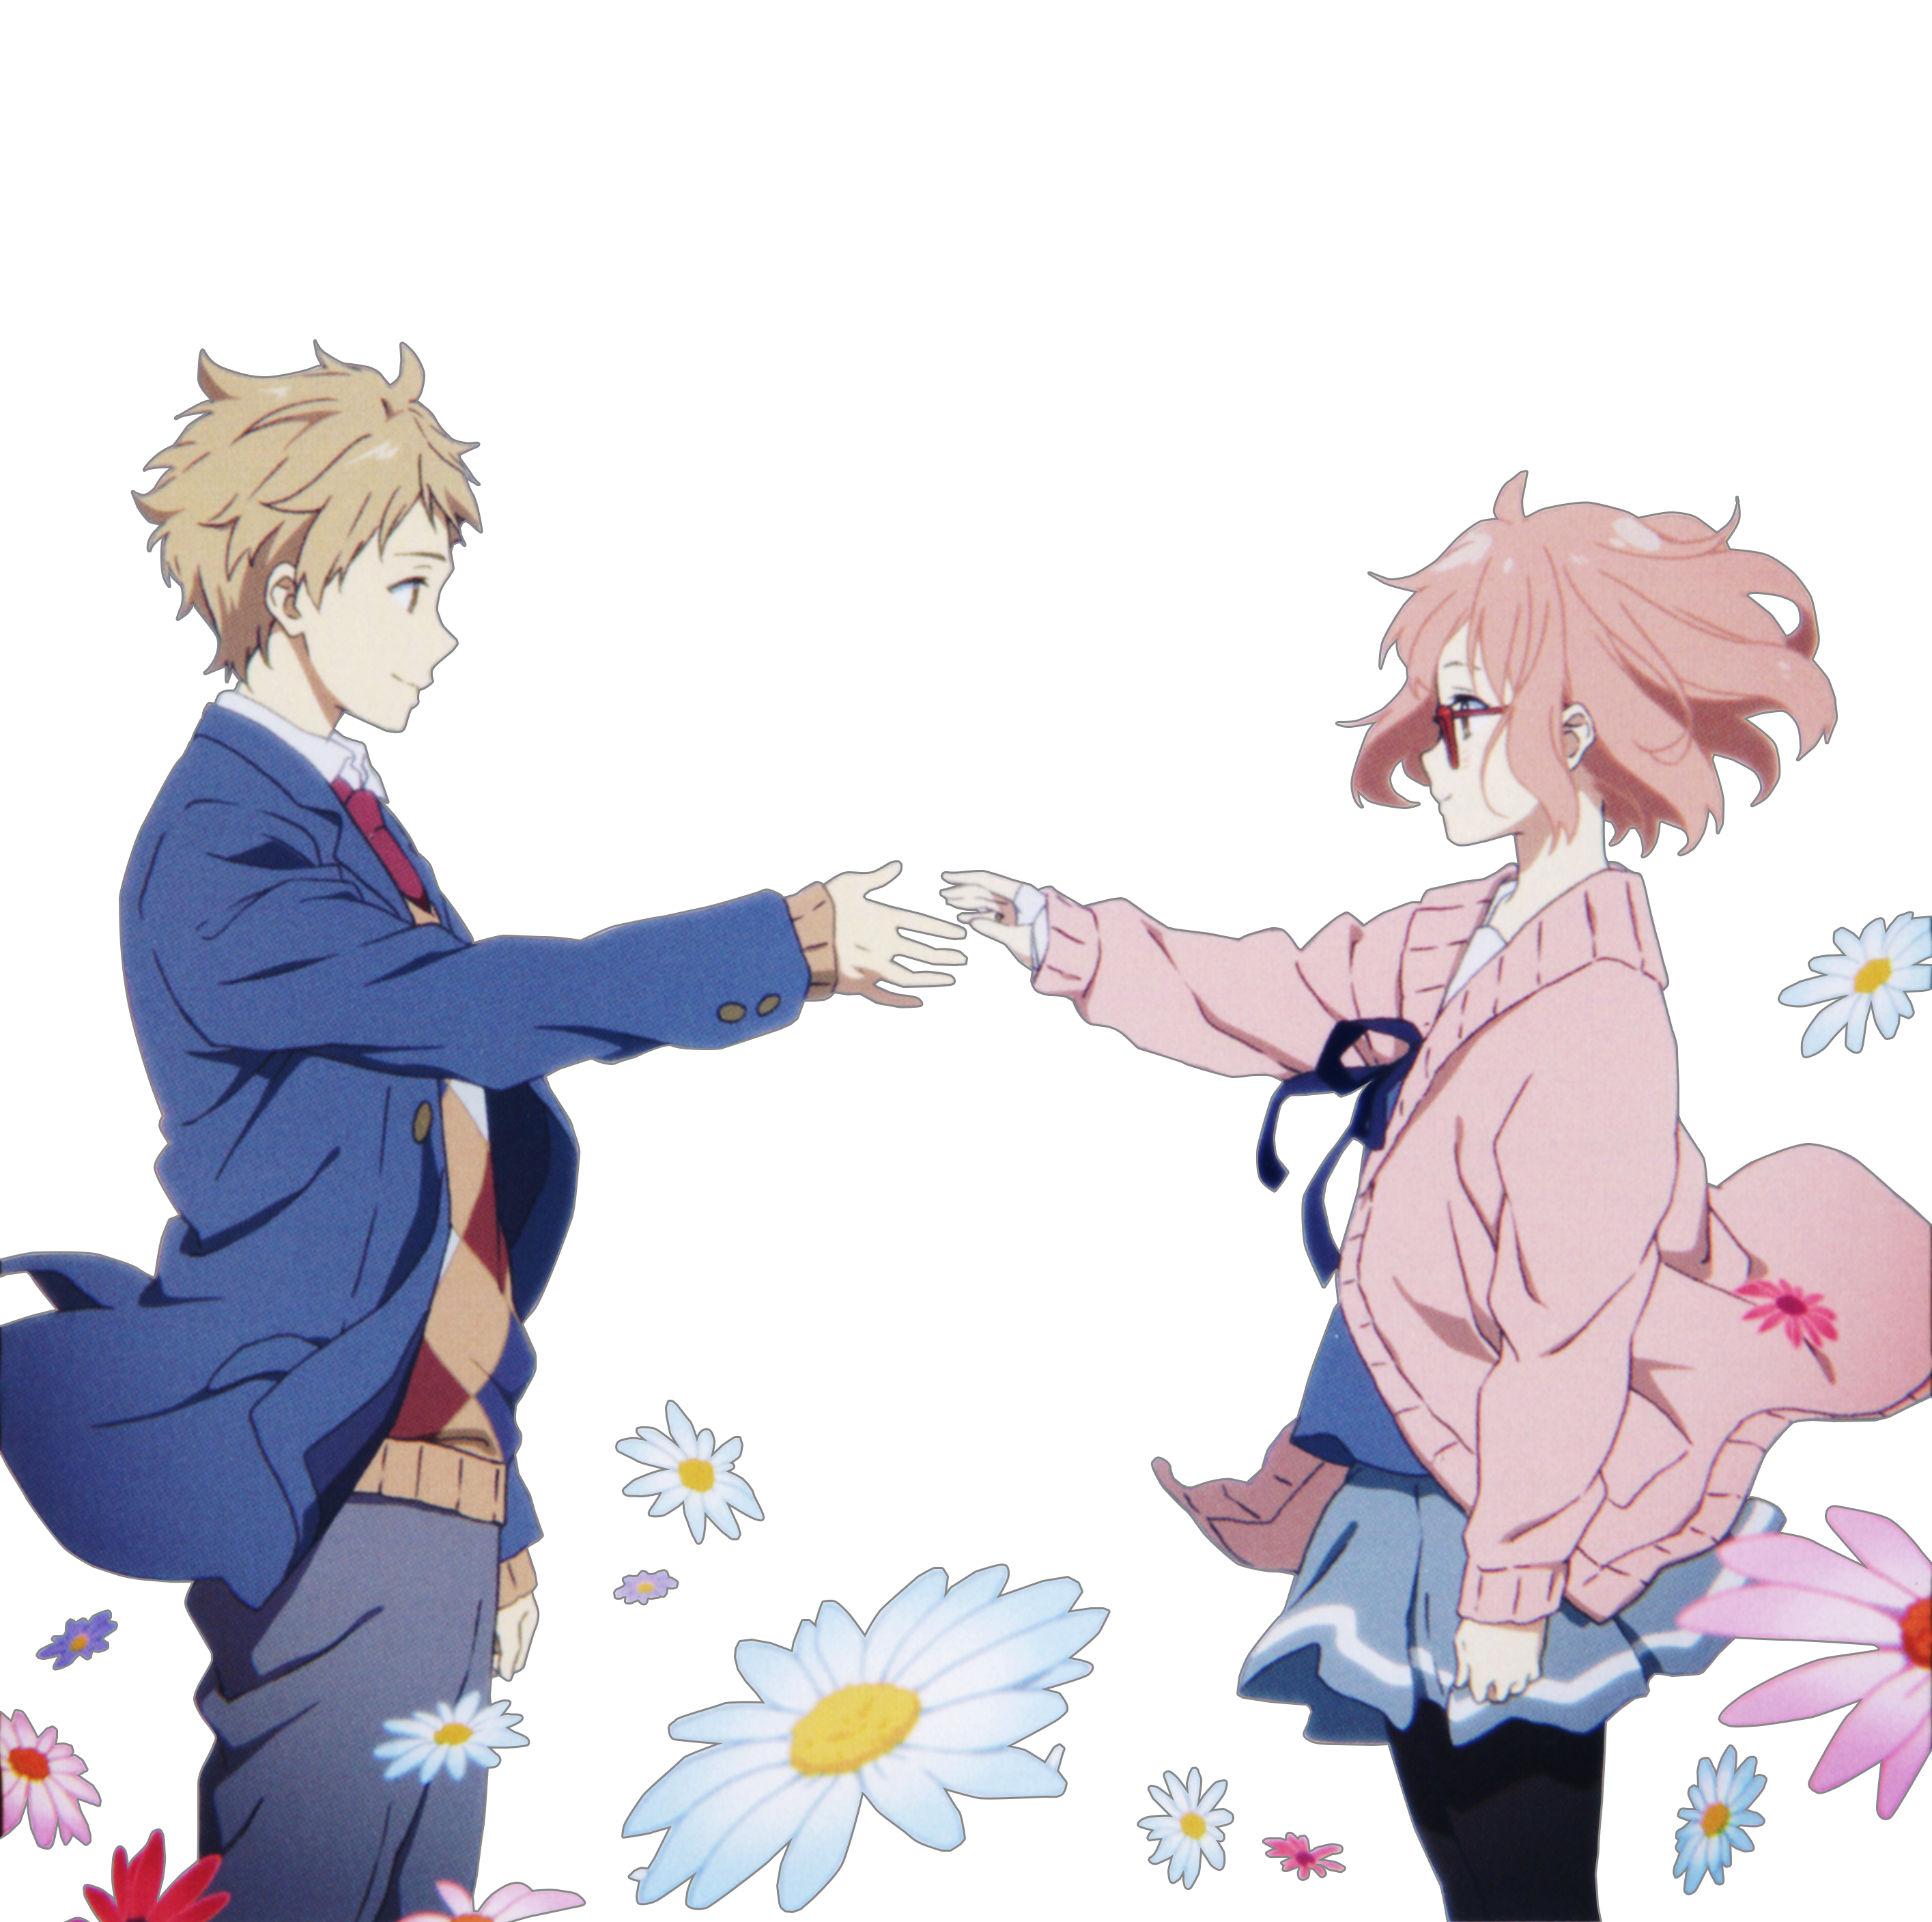 Renders anime Kyoukai_no_kanata_render__1_by_iemelien-d6yv96w